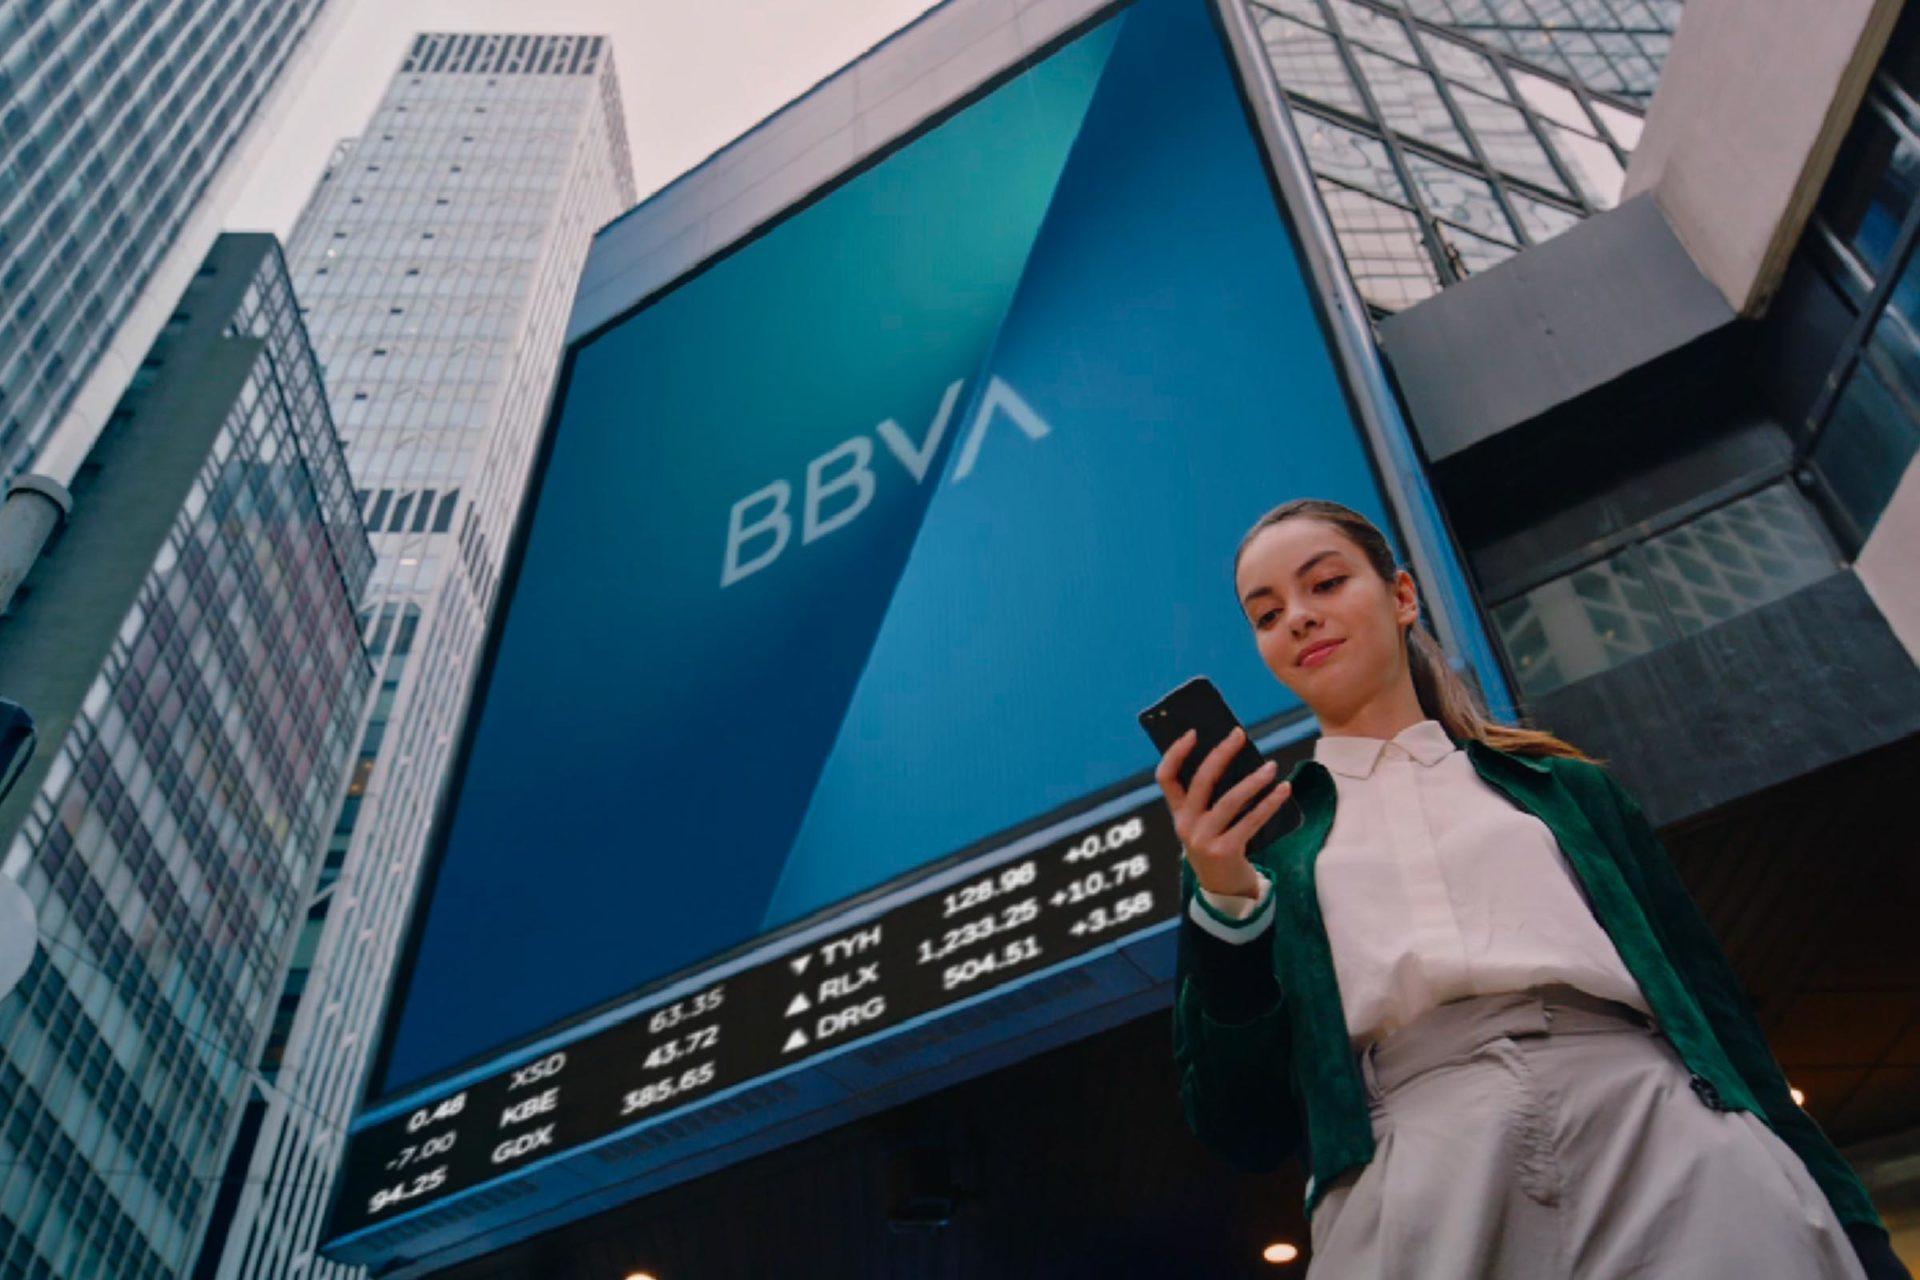 BBVA lanza app que te dirá que tan abarrotado está un supermercado